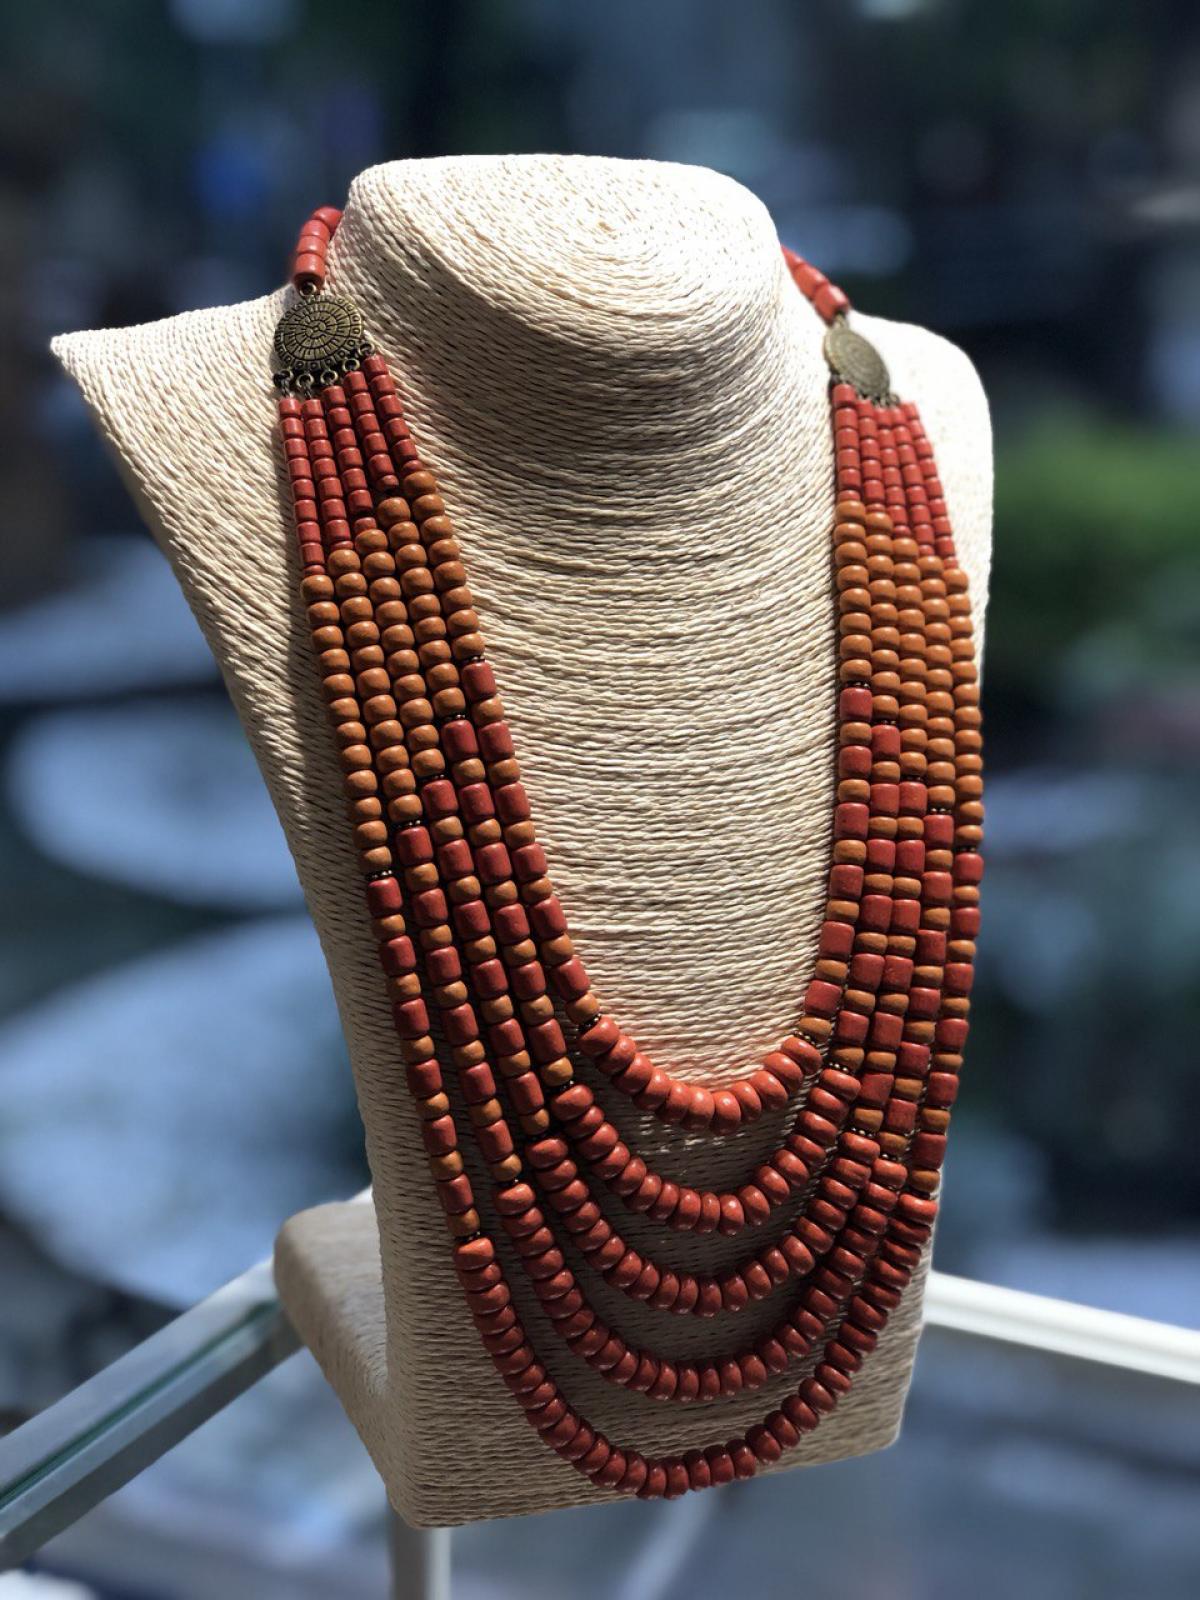 Ожерелье керамическое, 5 рядов,. Фото №1. | Народный дом Украина